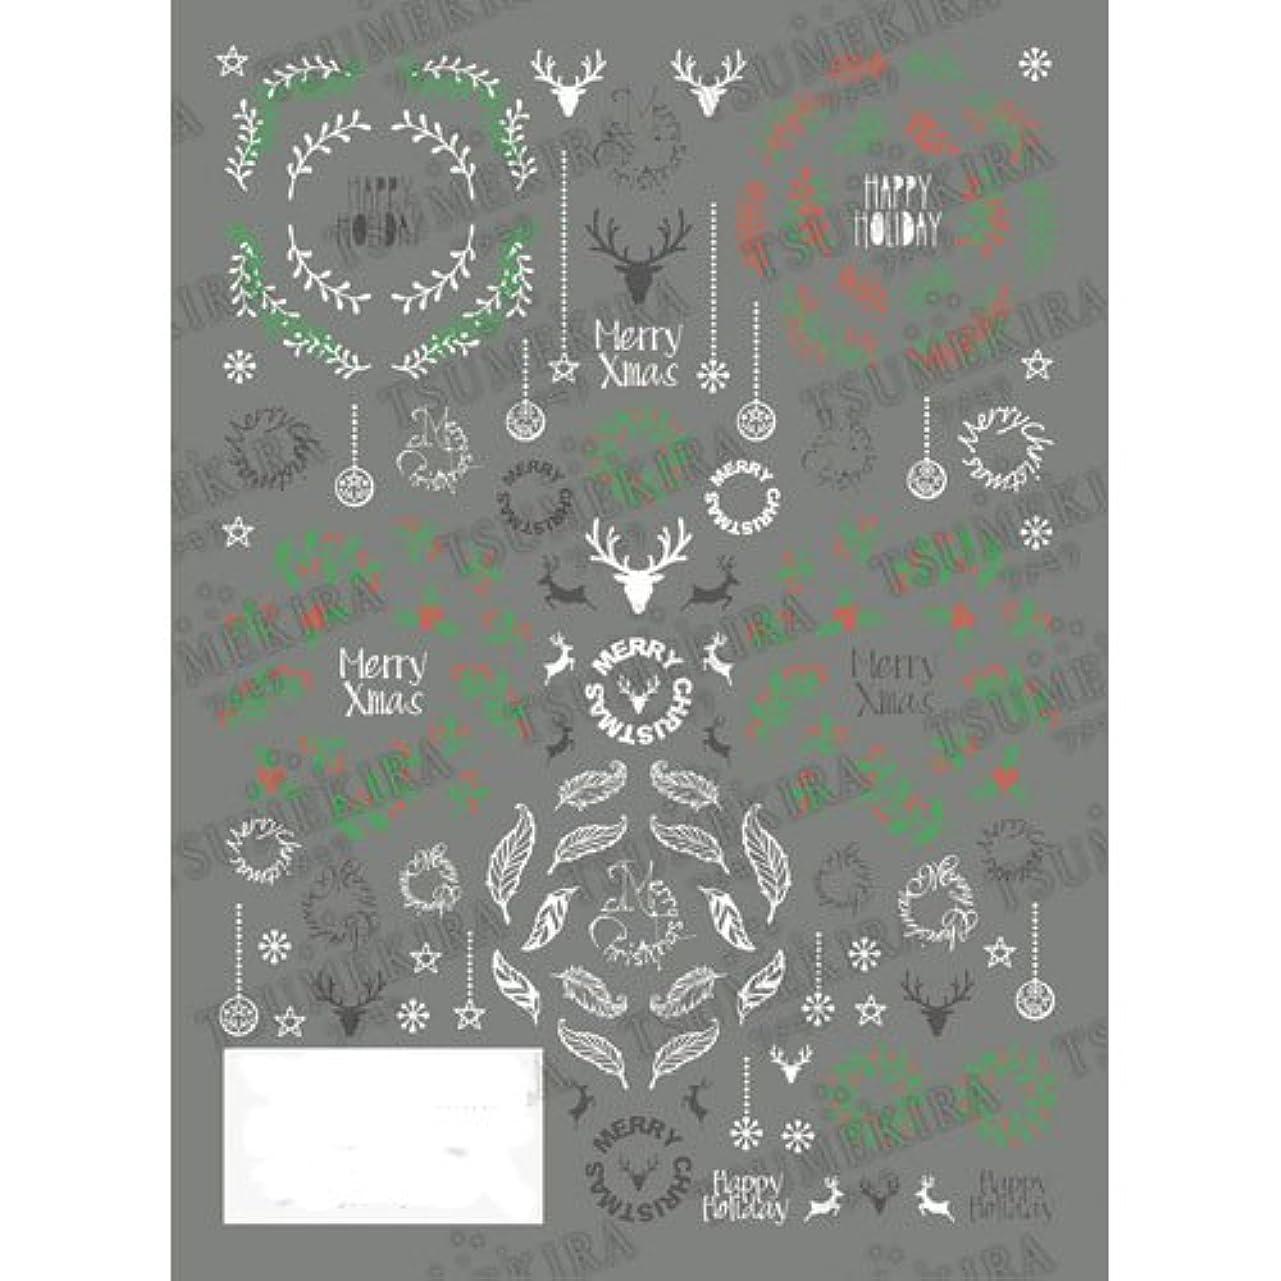 衣装初期分散ツメキラ ネイル用シール クリスマスリース